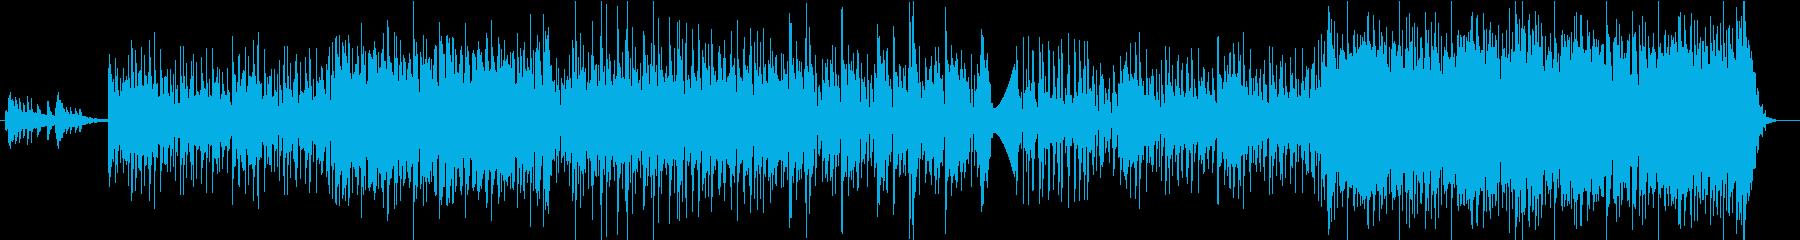 カッティングギター・踊れるフュージョンの再生済みの波形